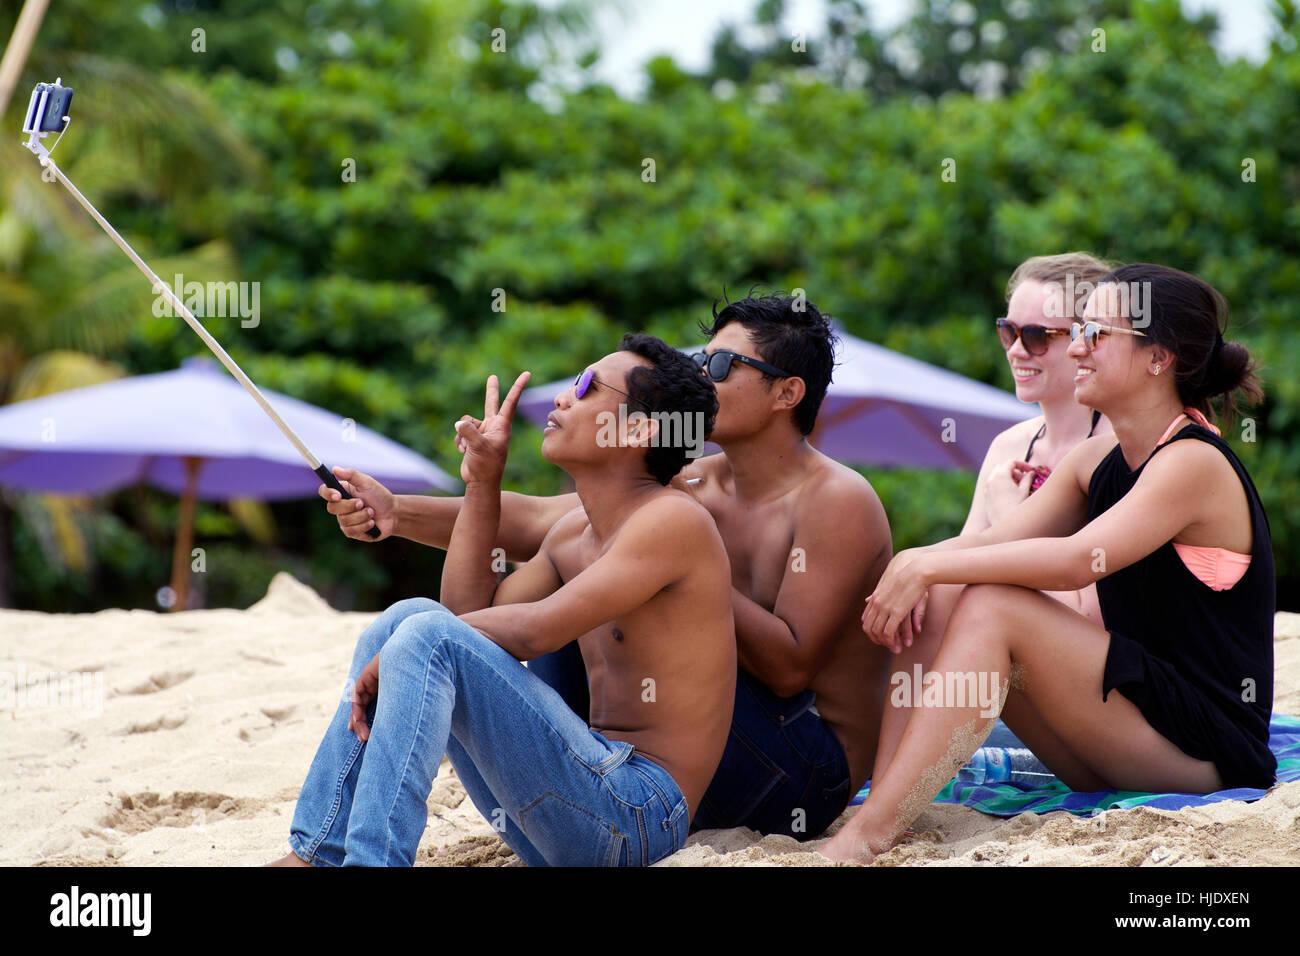 Friendly groupe de jeunes hommes balinais poser pour des photos avec des selfies un couple de jeunes femmes de l'ouest. Photo Stock